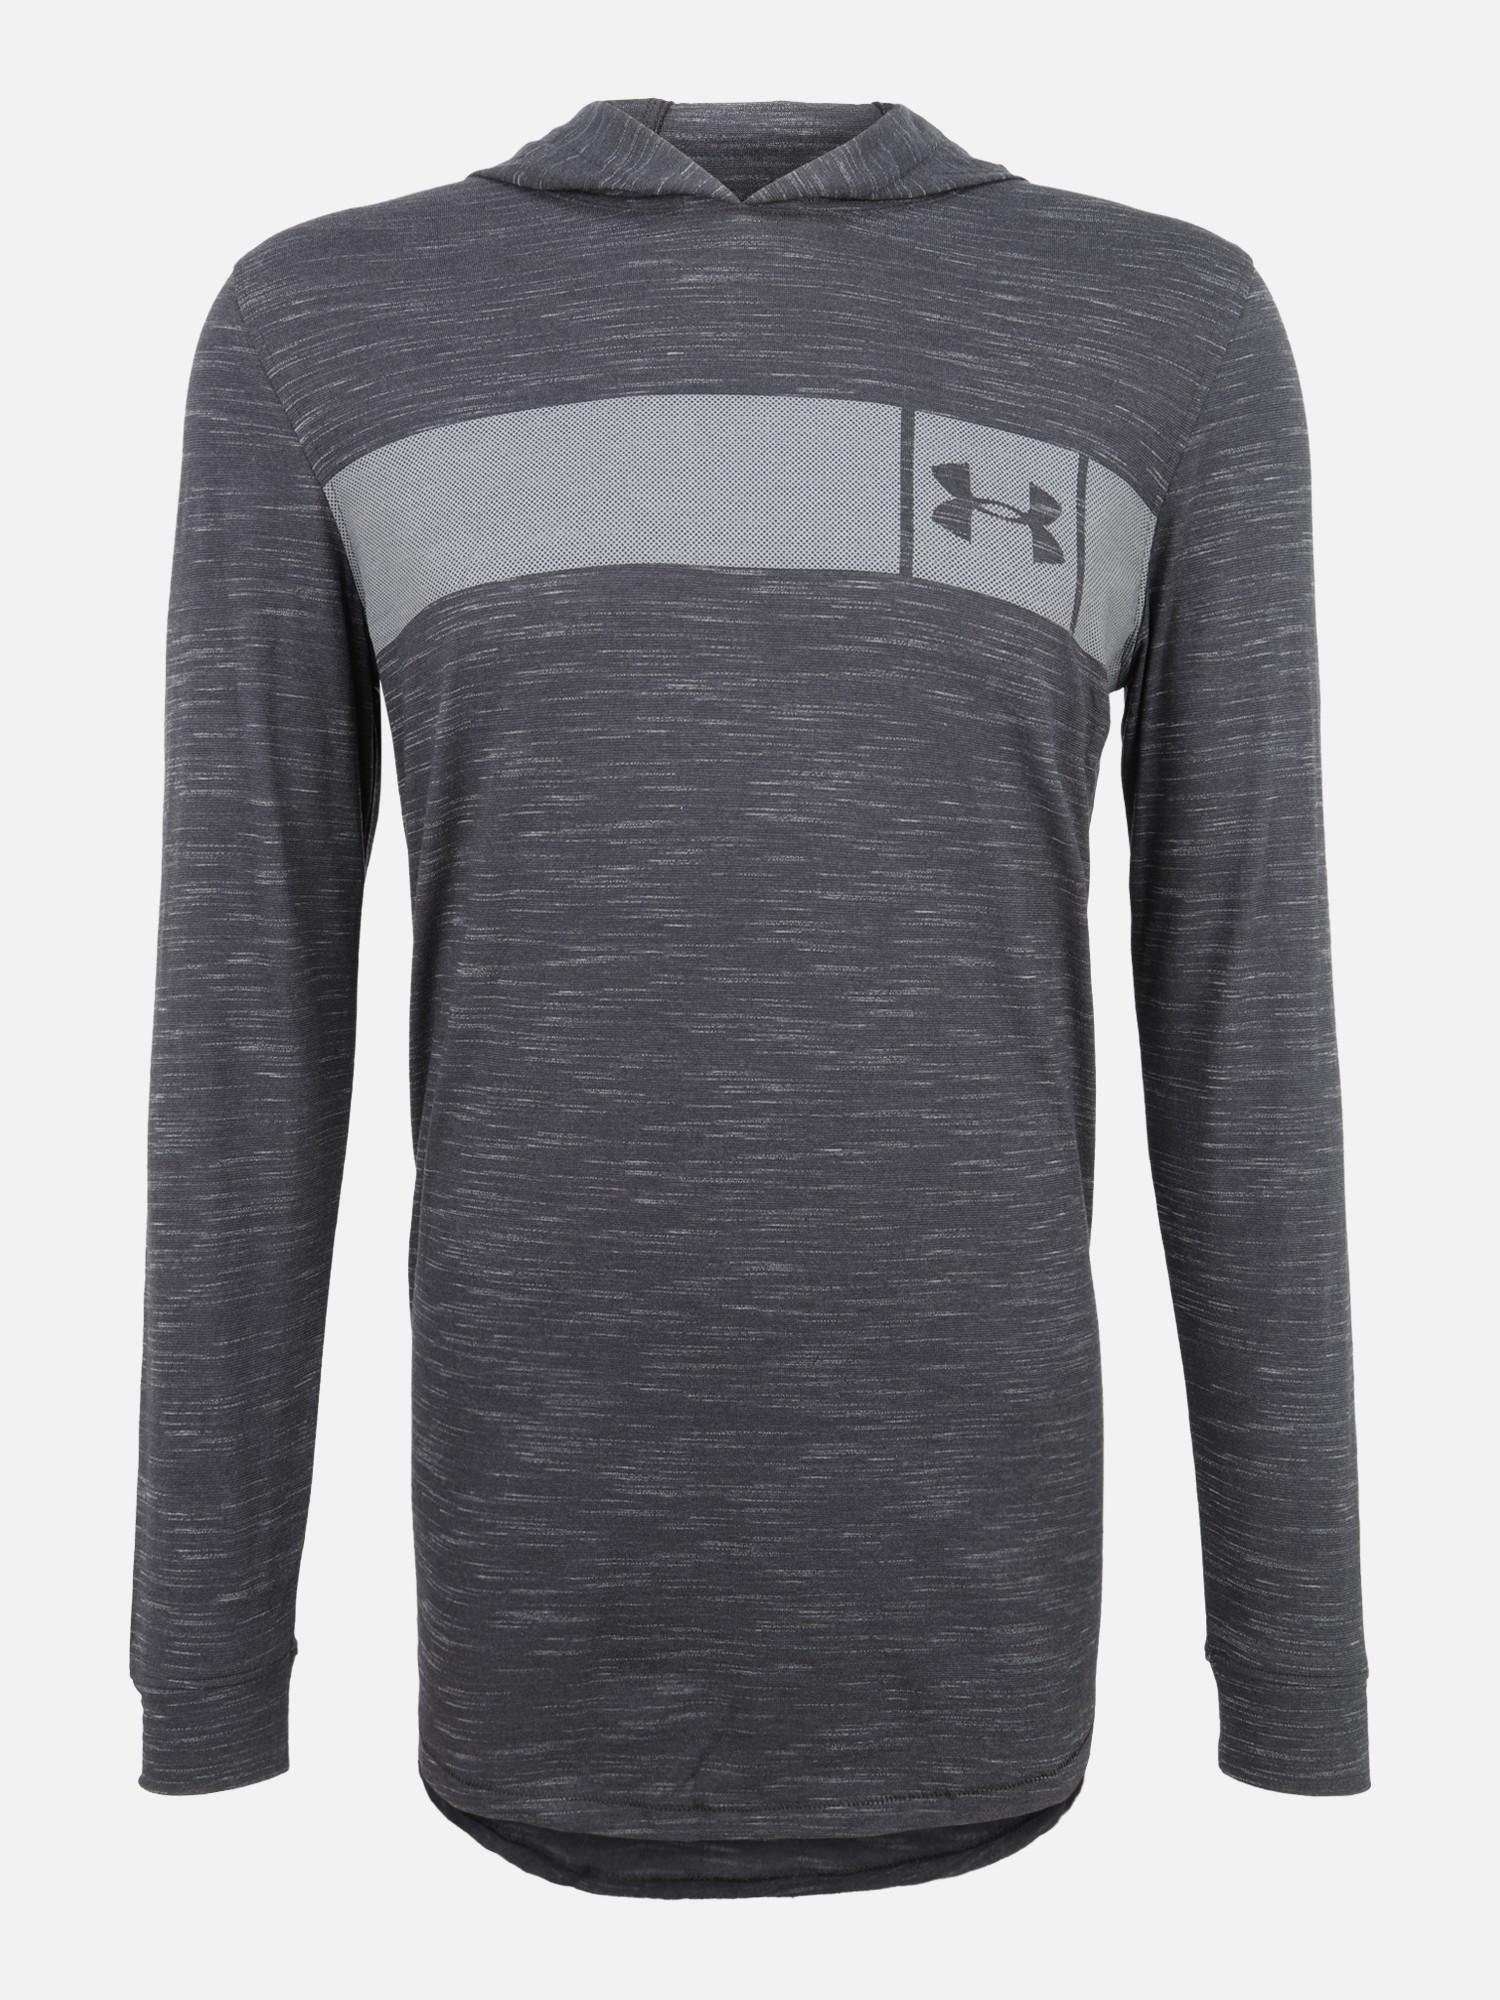 [AboutYou] Under Armour Herren Hoodie Sportstyle Core in grau für 22,45€ und Sporttasche Undeniable Duffle 3.0 Medium in grau/pink für 22,45€